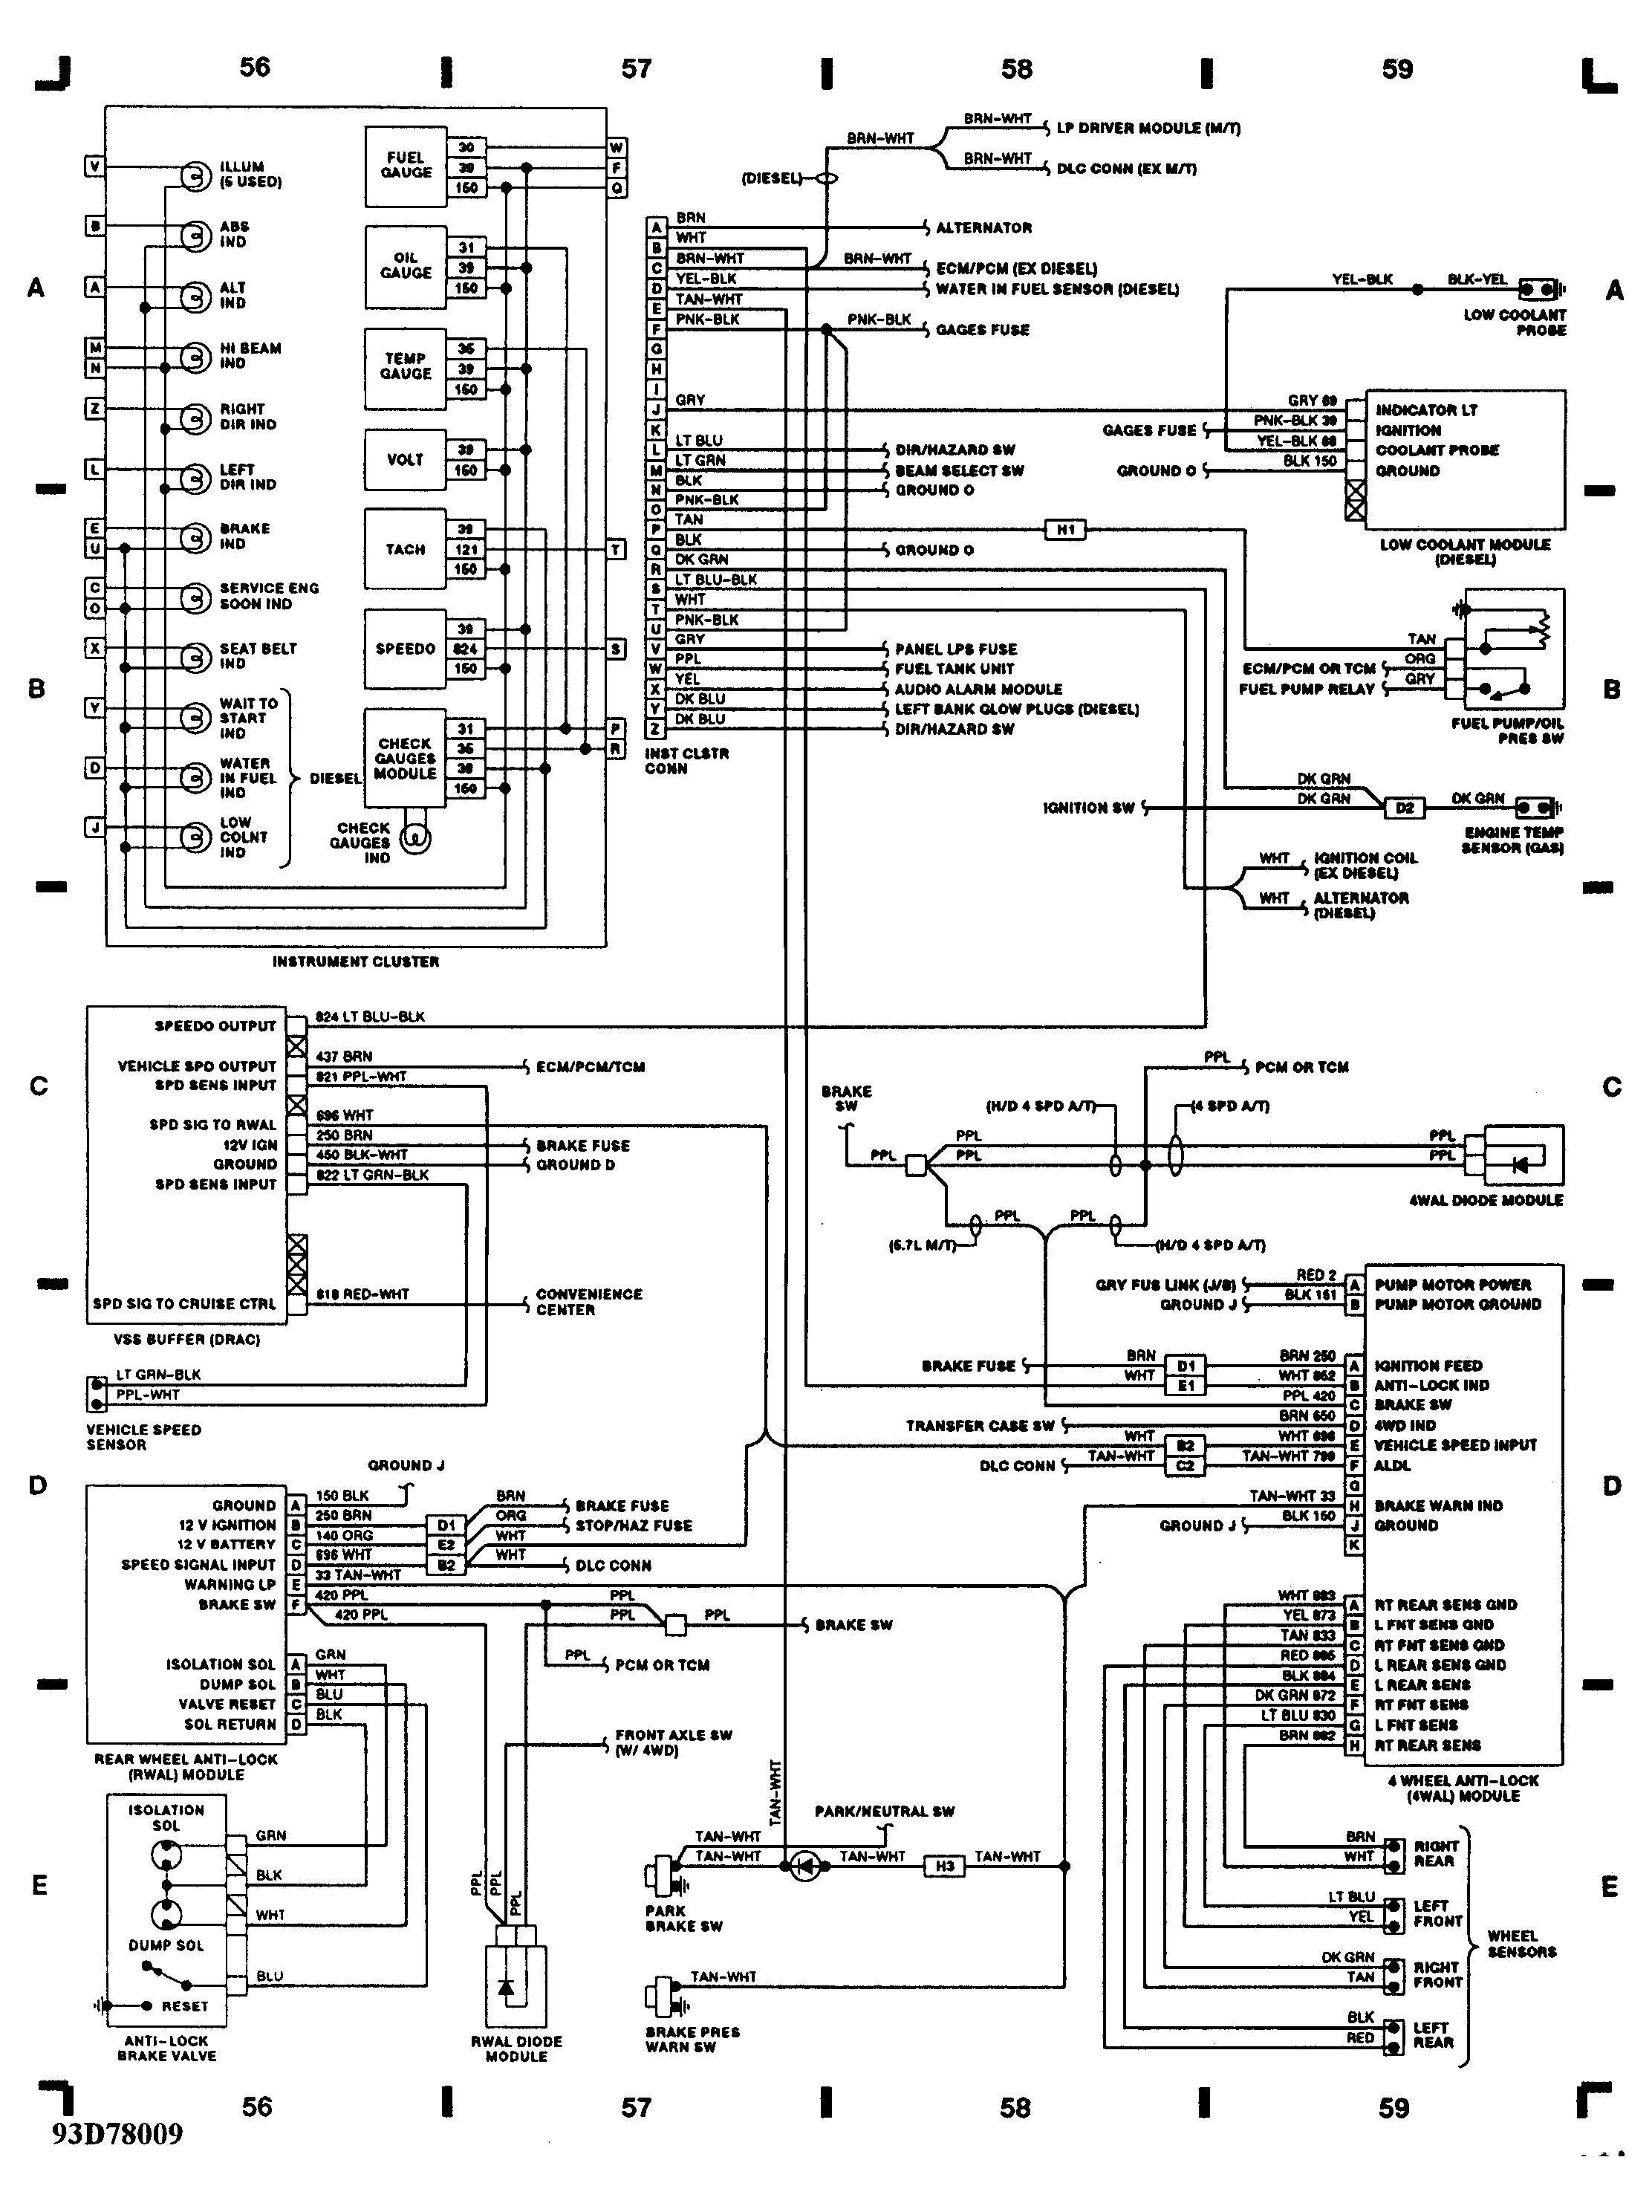 5 7 Liter Chevy Engine Diagram 4 3 Vortec Engine Cylinder Diagrams Of 5 7 Liter Chevy Engine Diagram